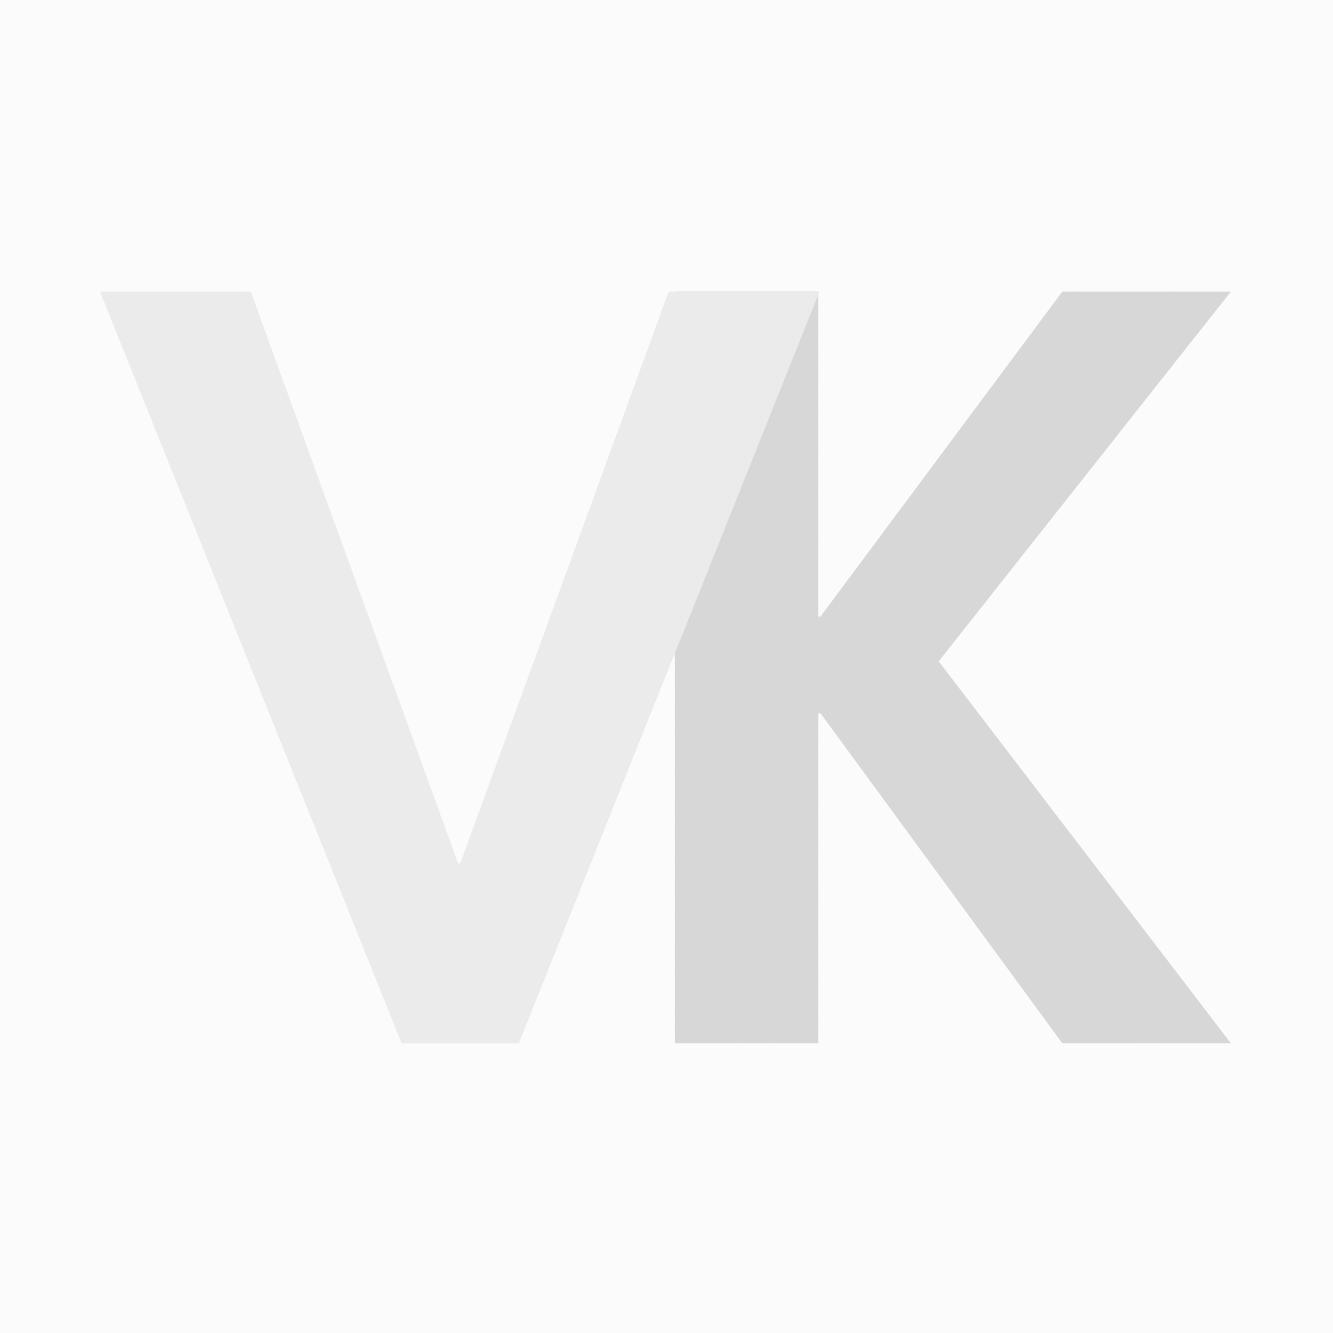 Kaplaken Barber Wit-Zwart Gestreept 130x140 cm